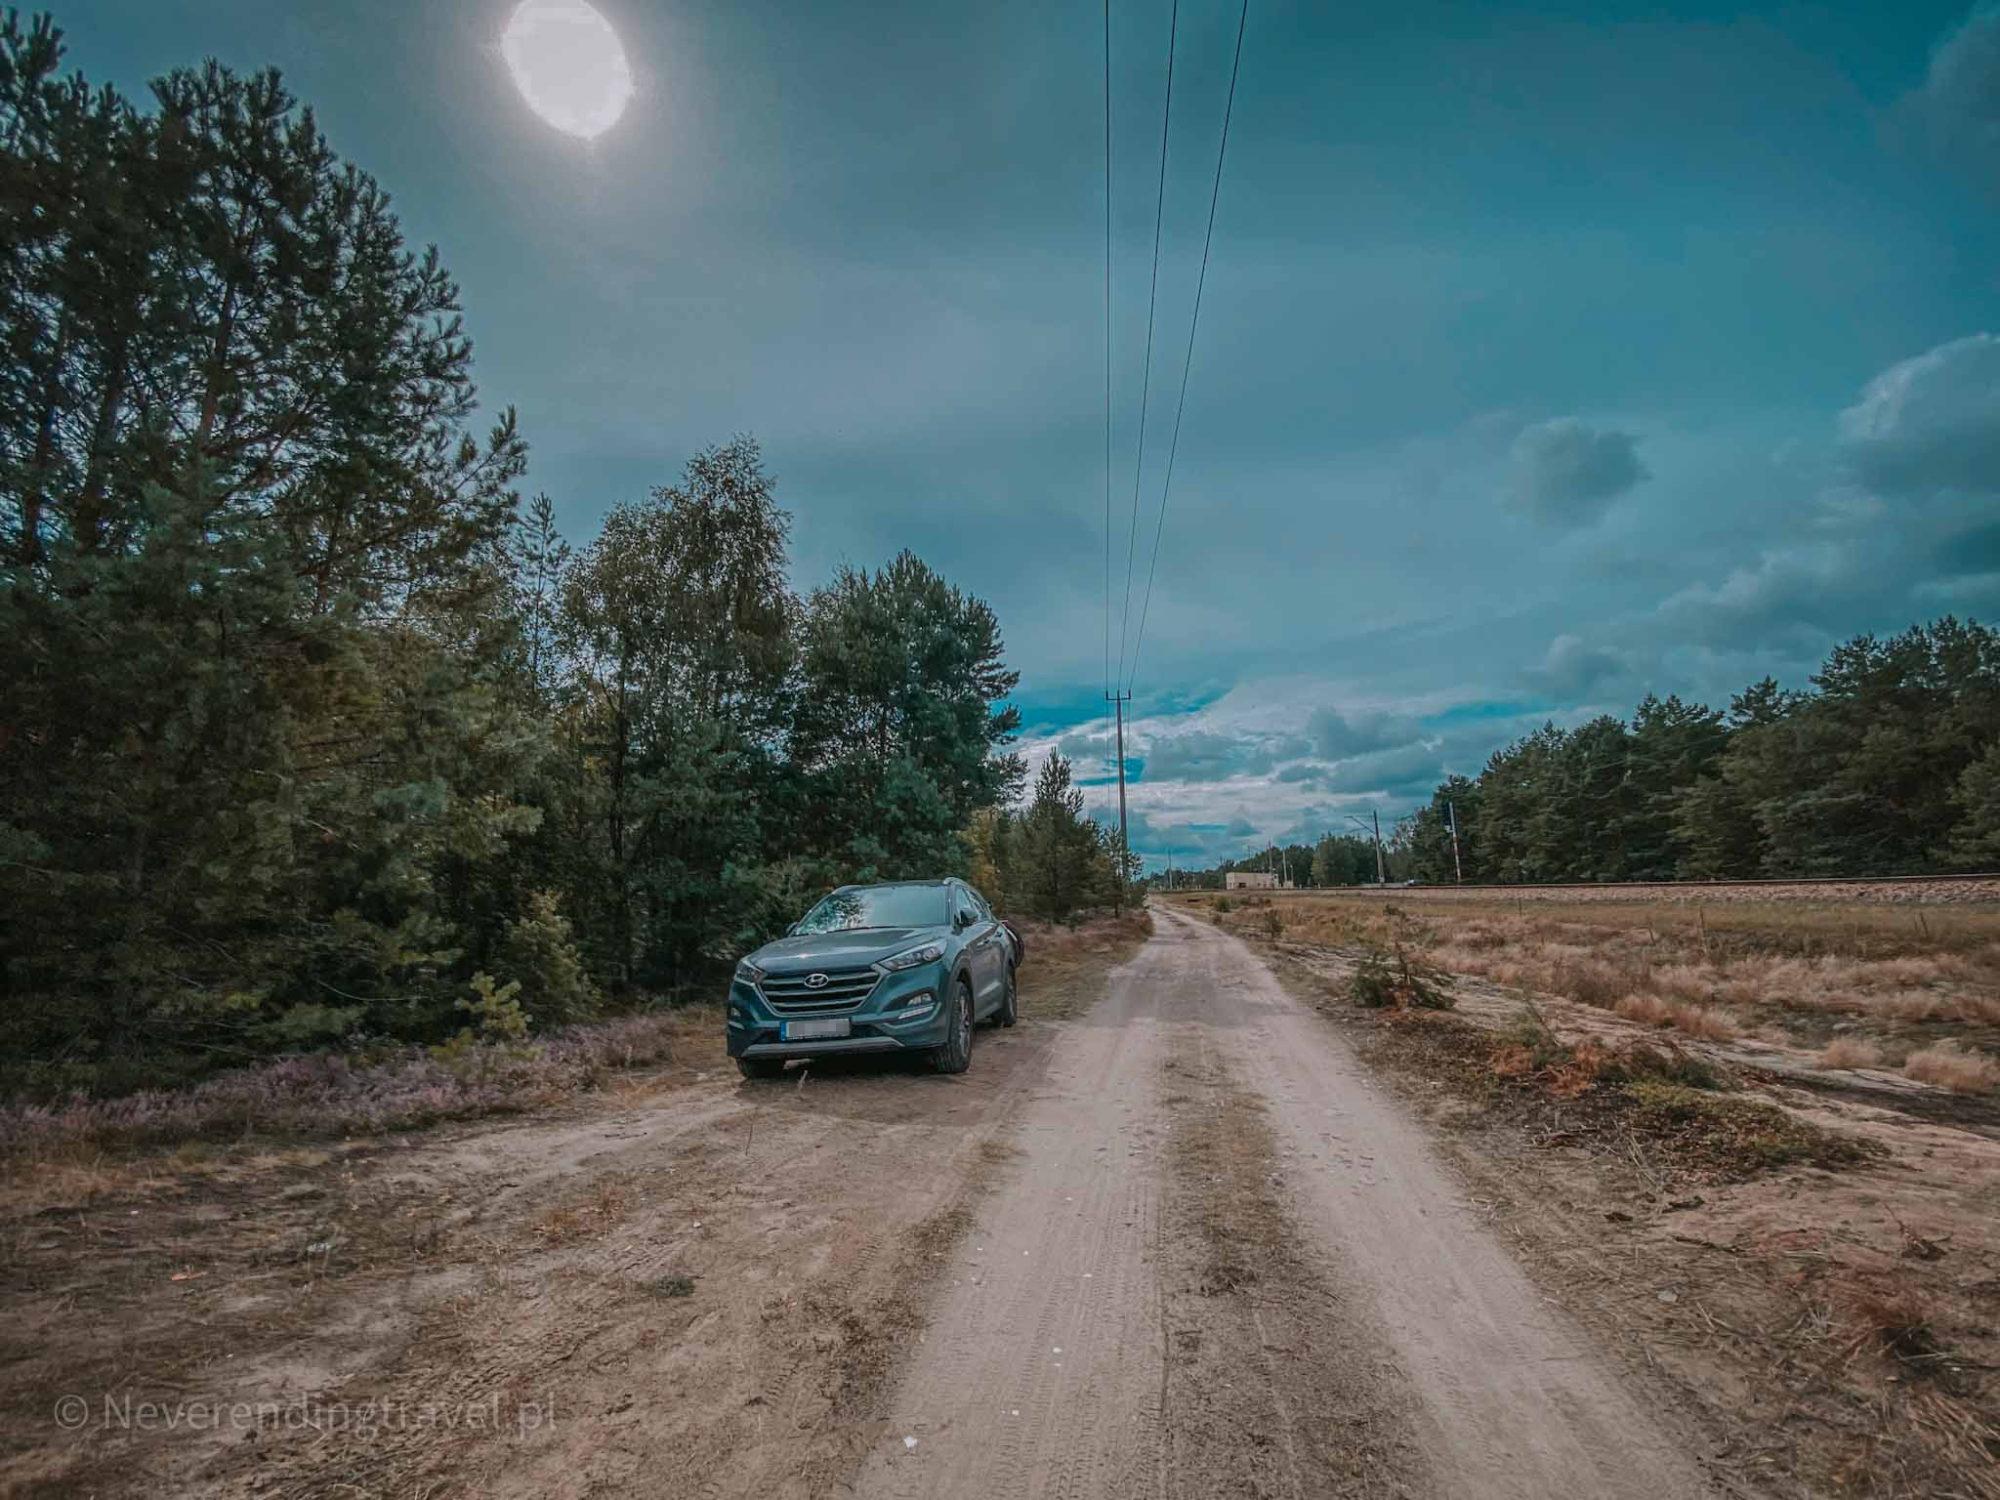 wrzosowisko pod Warszawą, największe w Polsce, plener, sesja, na weekend z Warszawy, wrzosy, drzewa, wycieczka, droga dojazdowa do Wrzosowiska Mostówka